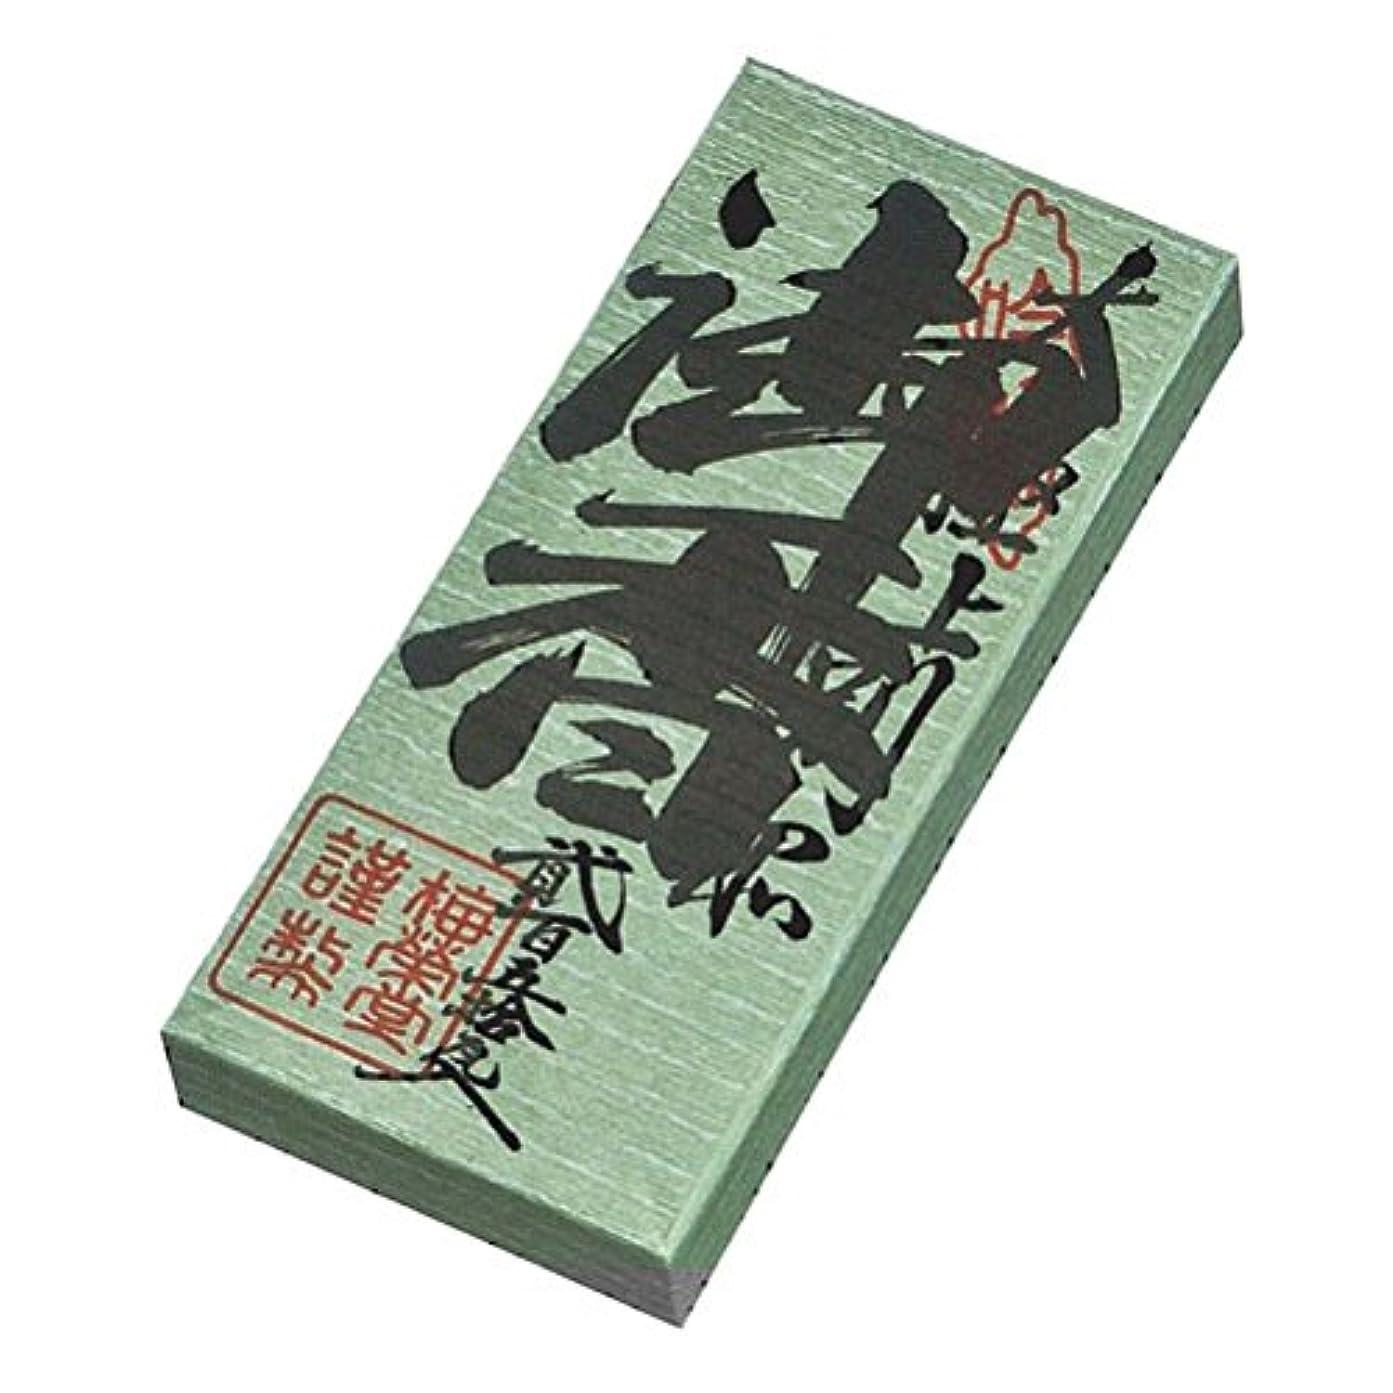 馬力シットコム誰徳香印 250g 紙箱入り お焼香 梅栄堂